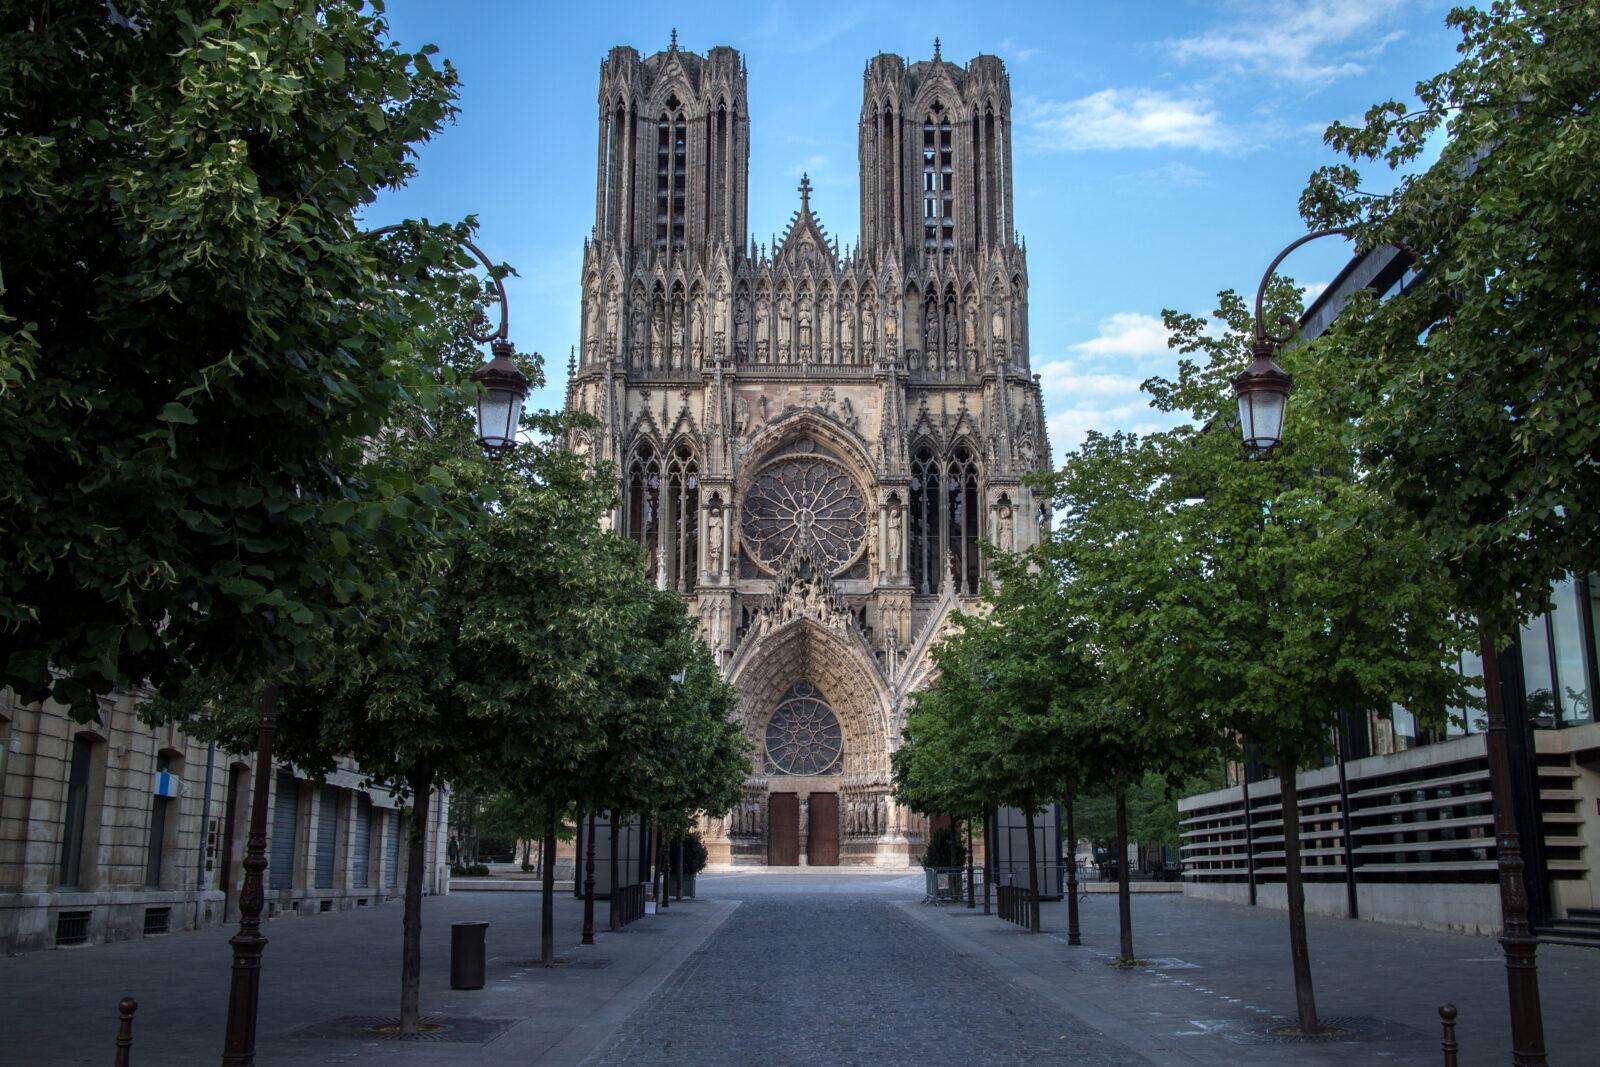 visiter reims,Reims - Visite de Reims : Les choses à faire et à voir pour un séjour réussi - 2021 - 1